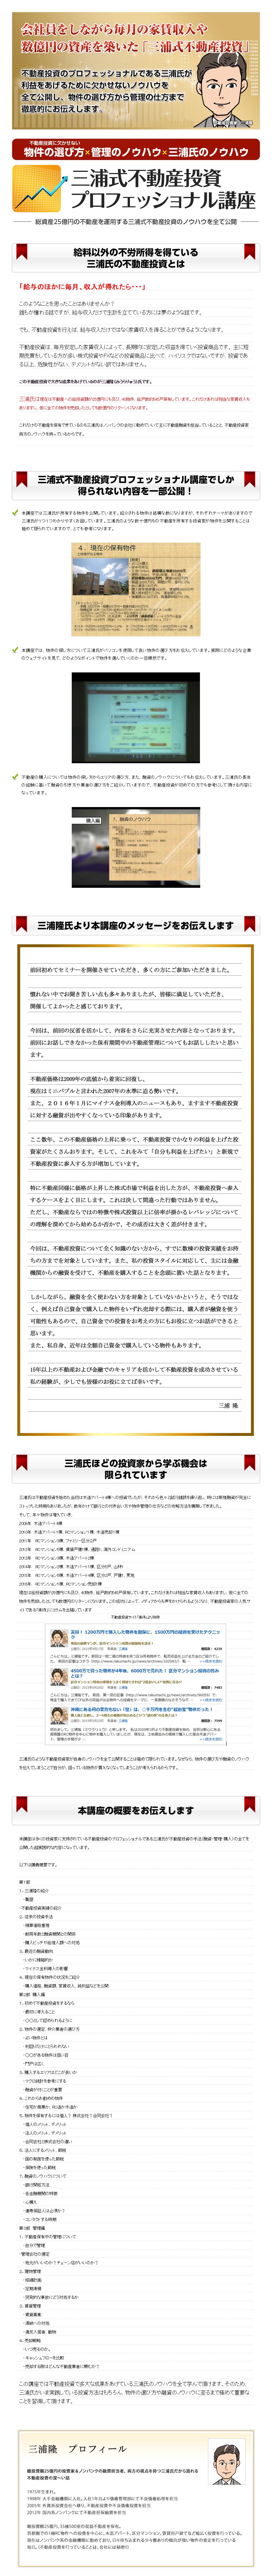 三浦氏販売ページ_02